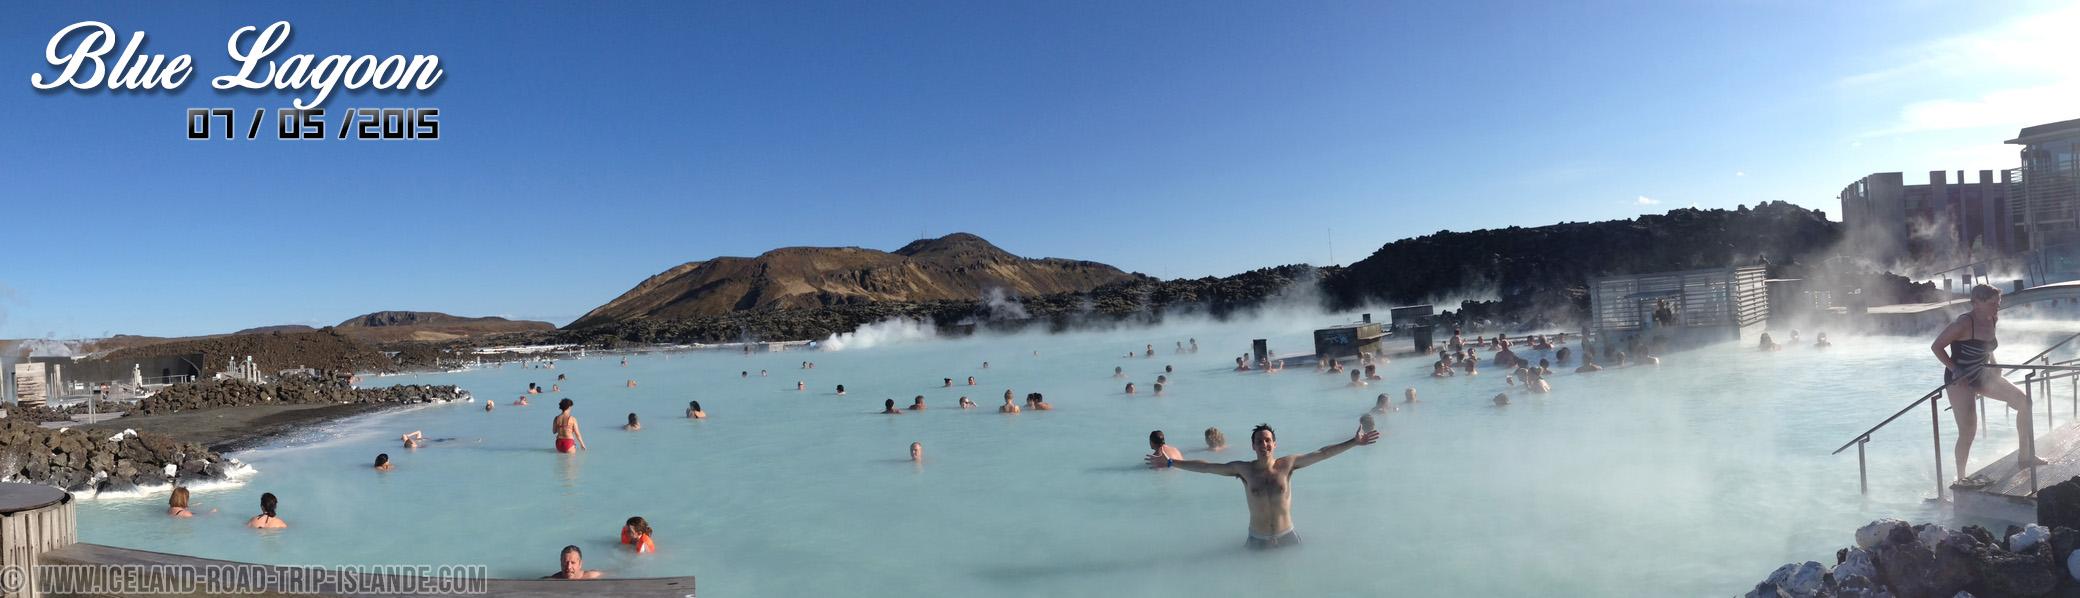 Vision panoramique de la source d'eau chaude du Blue Lagoon